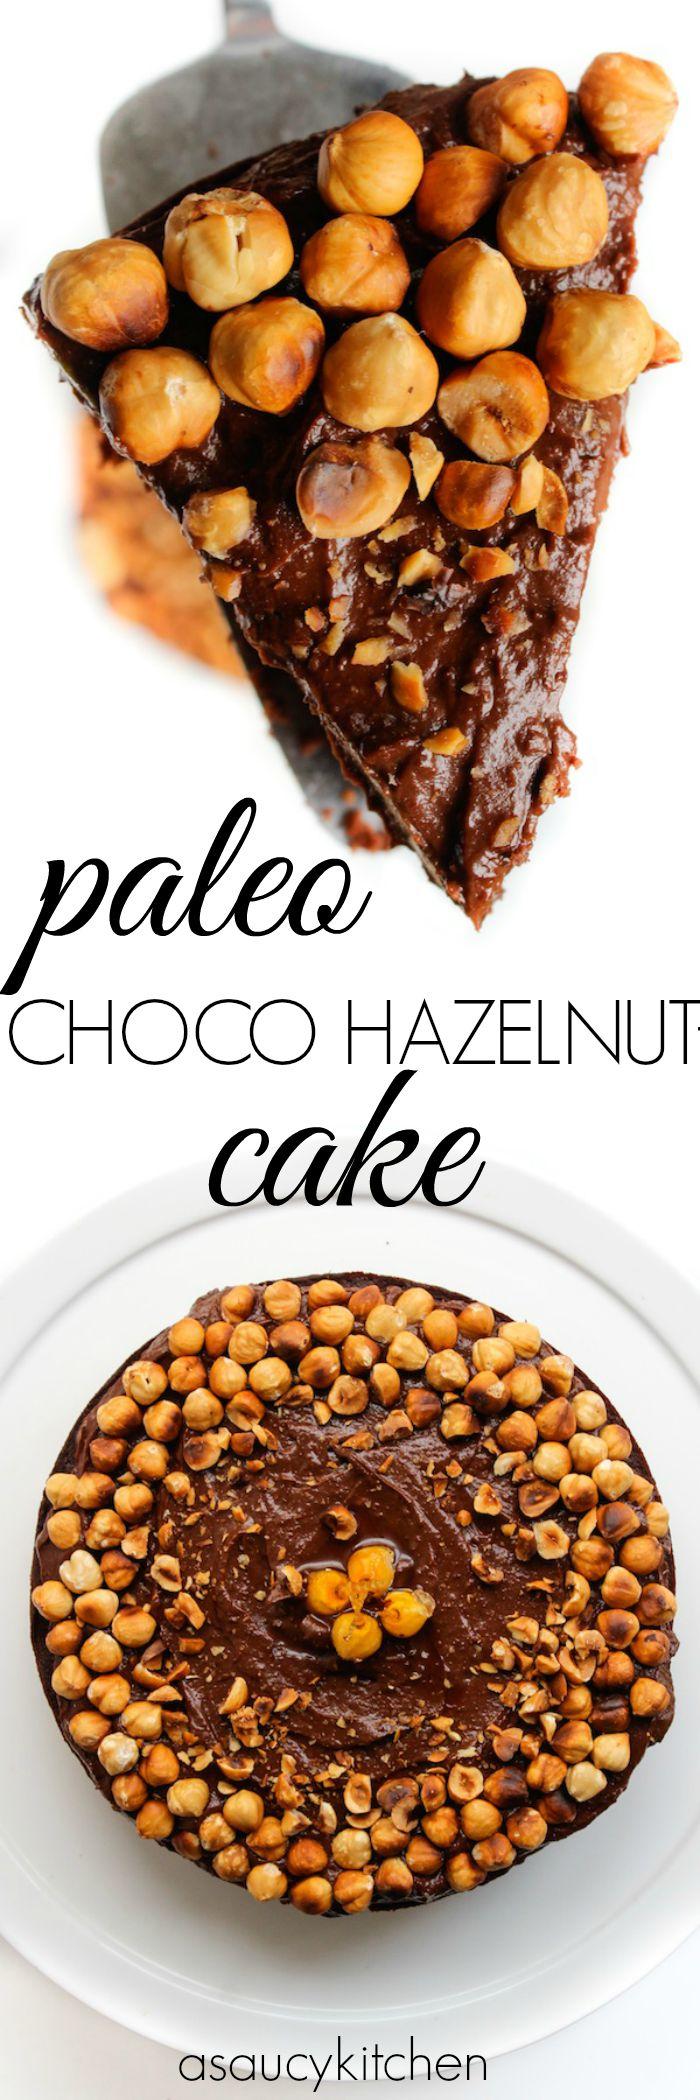 Paleo Chocolate Hazelnut Cake www.asaucykitchen.com